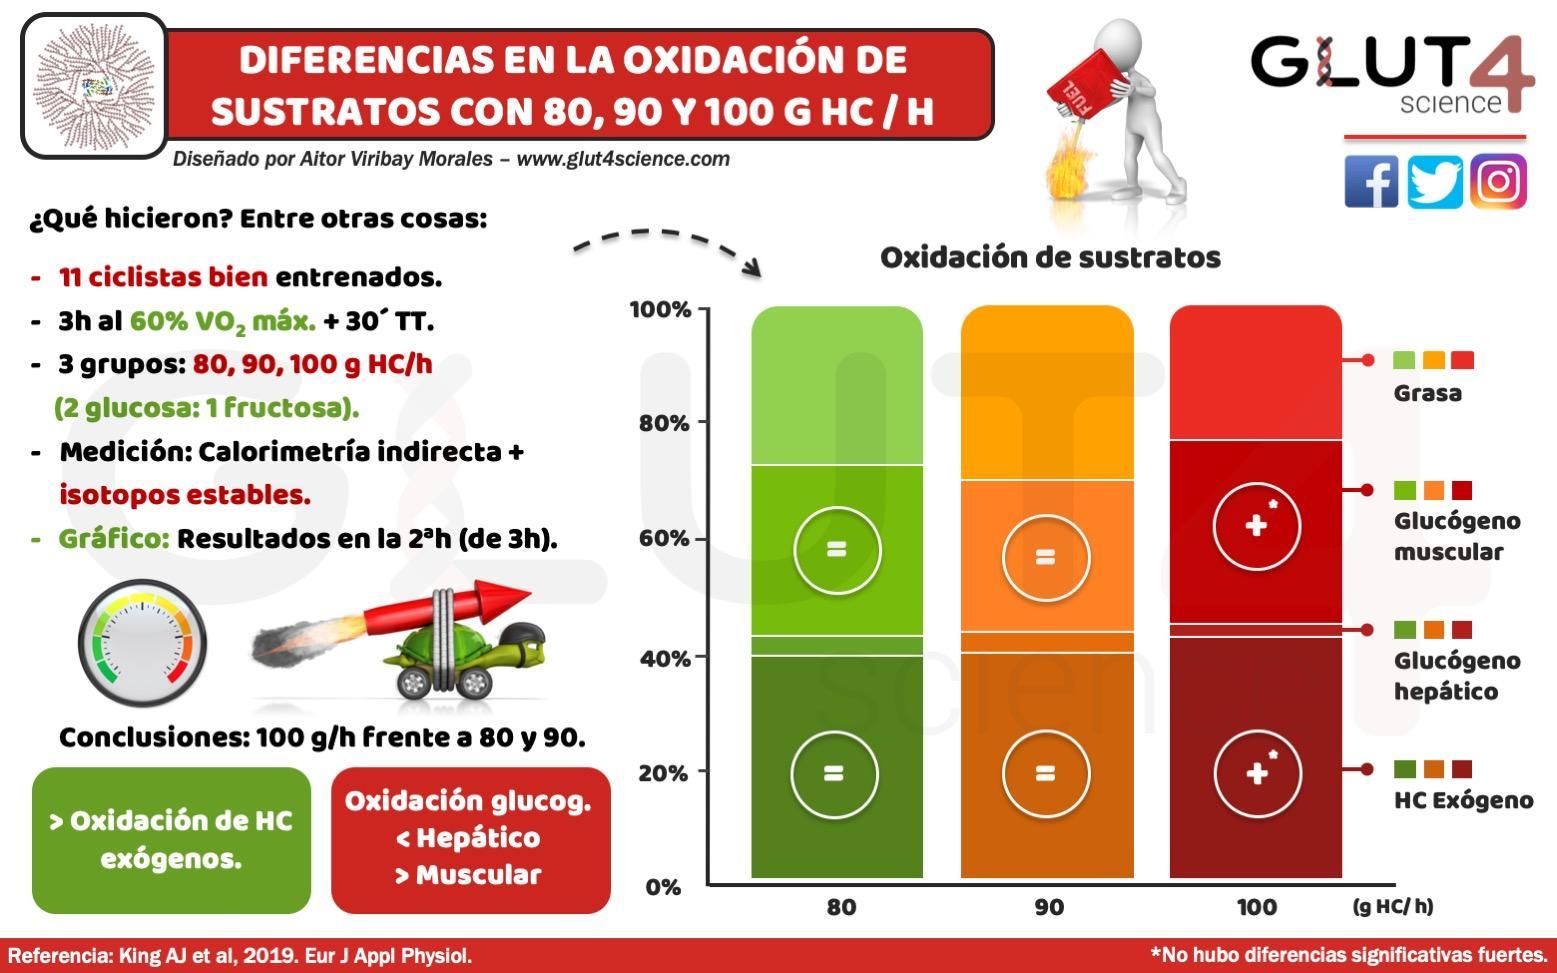 Oxidación Sustratos con 80.90 y 100 g HC/h